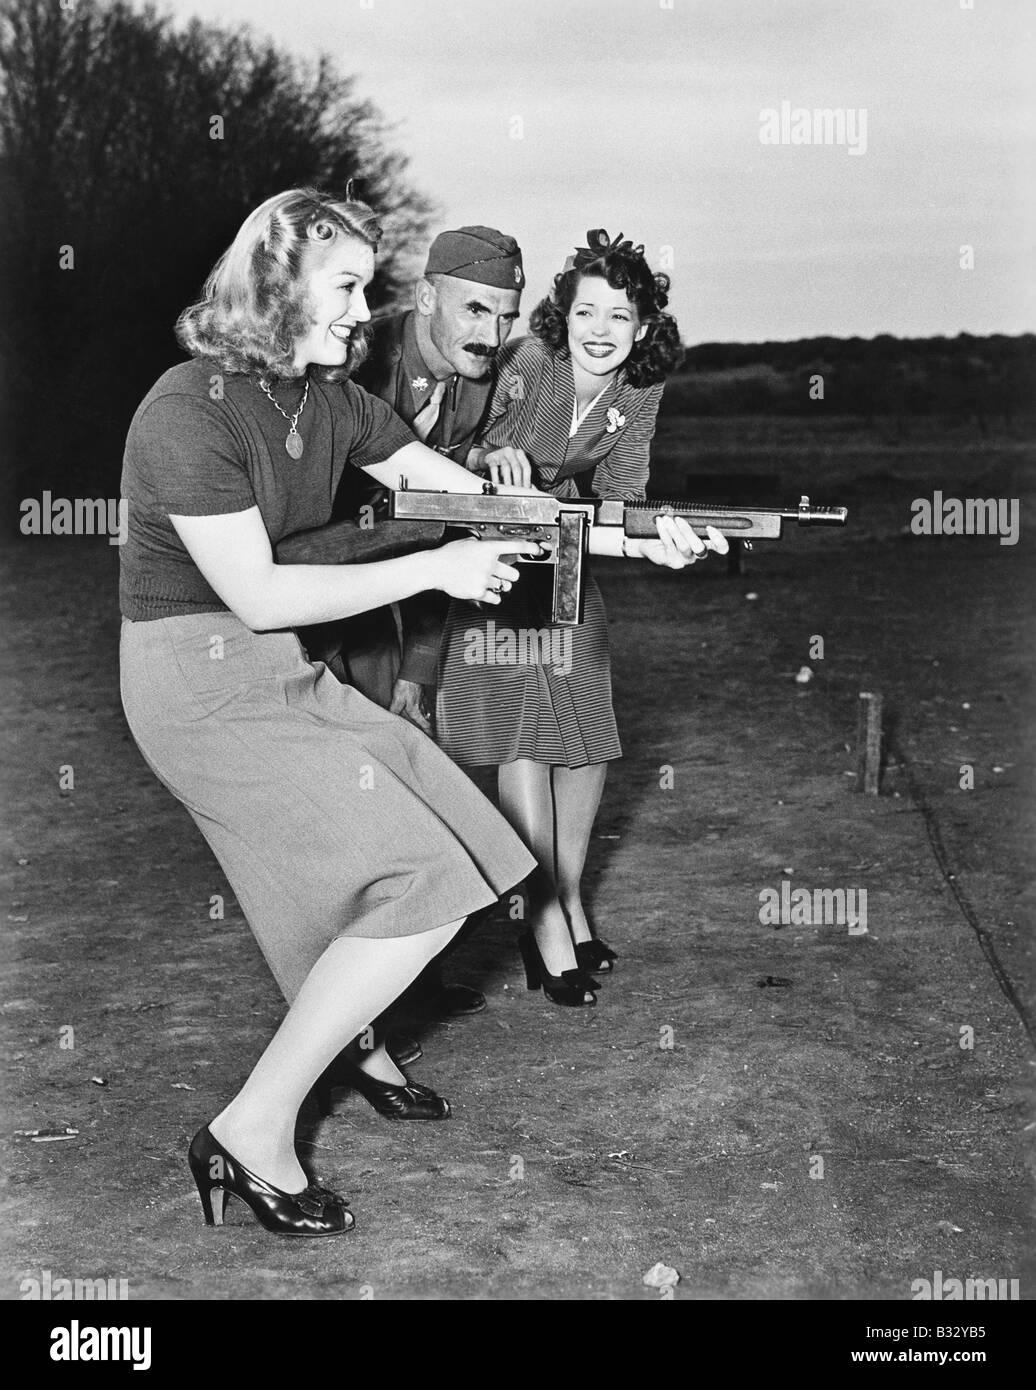 Deux jeunes femmes et un soldat essayant un machine gun Photo Stock